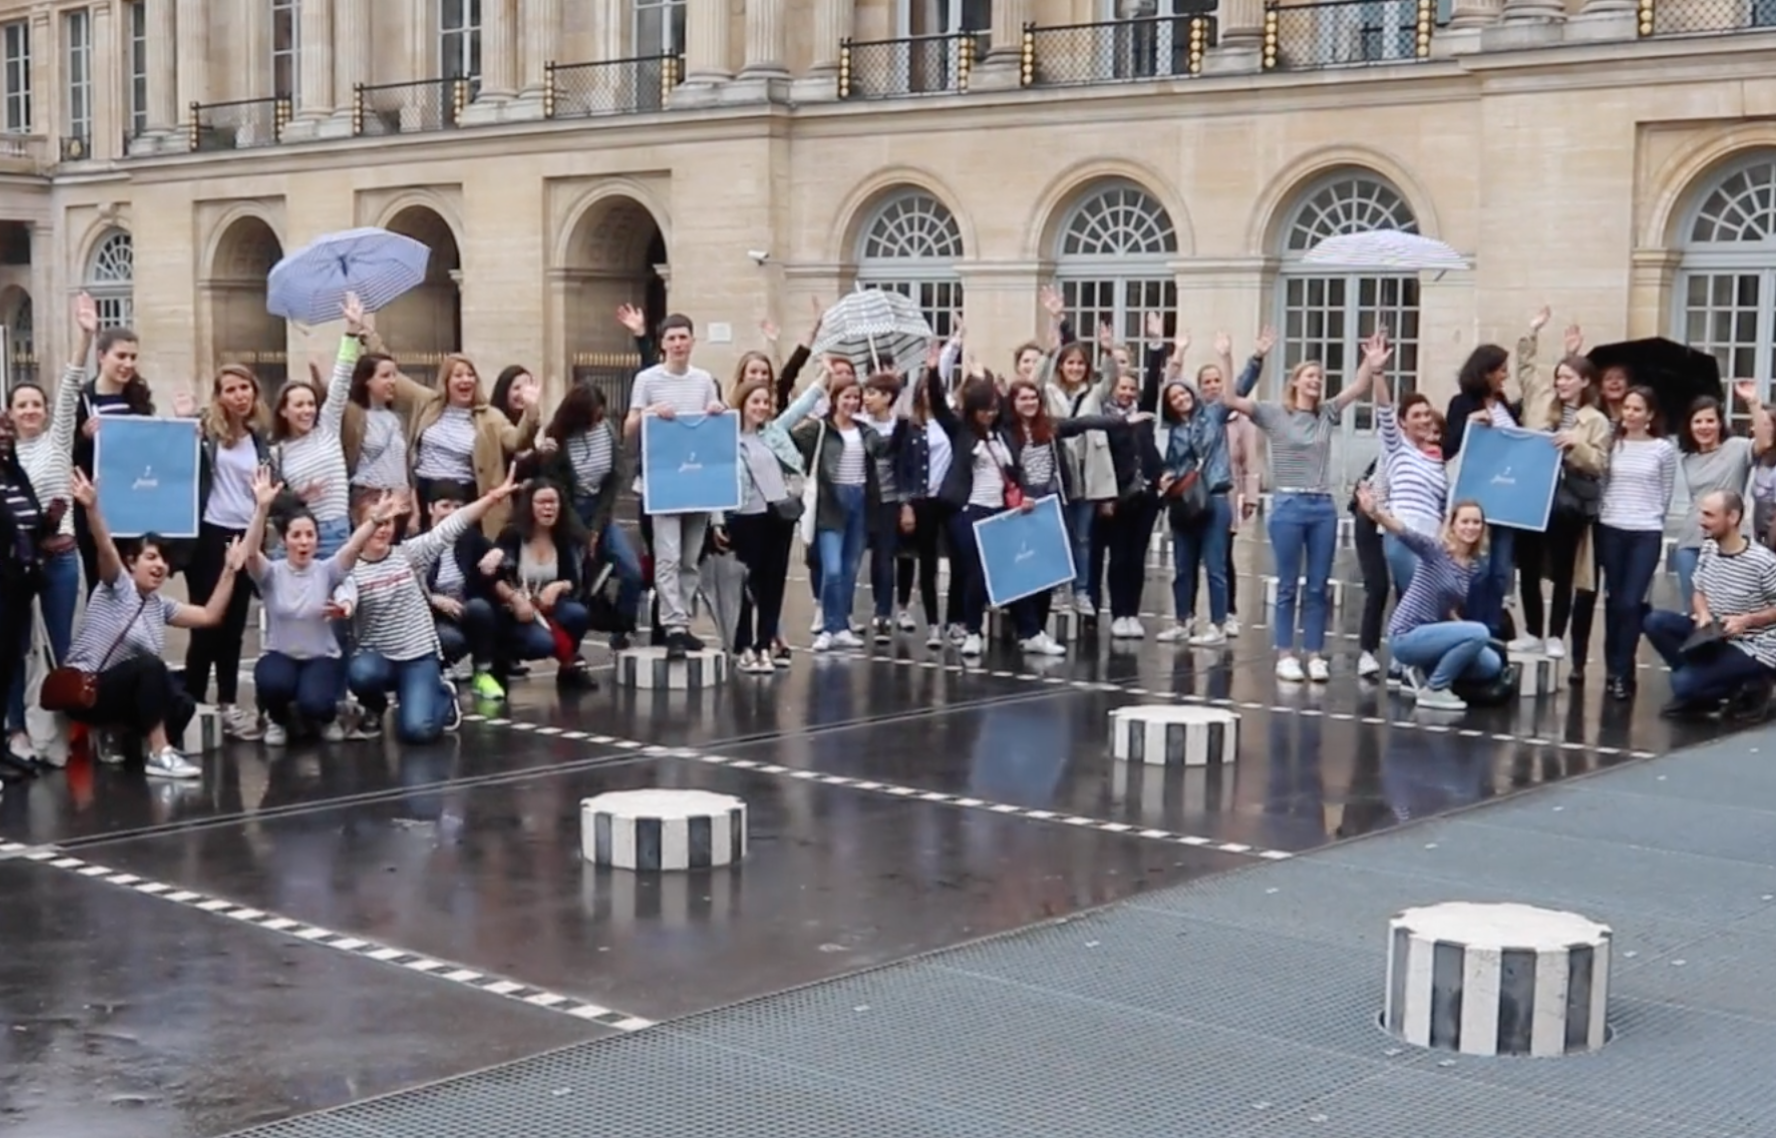 réseau vidéastes professionnels myphotoagency europe reportage événements Jacadi IDKids